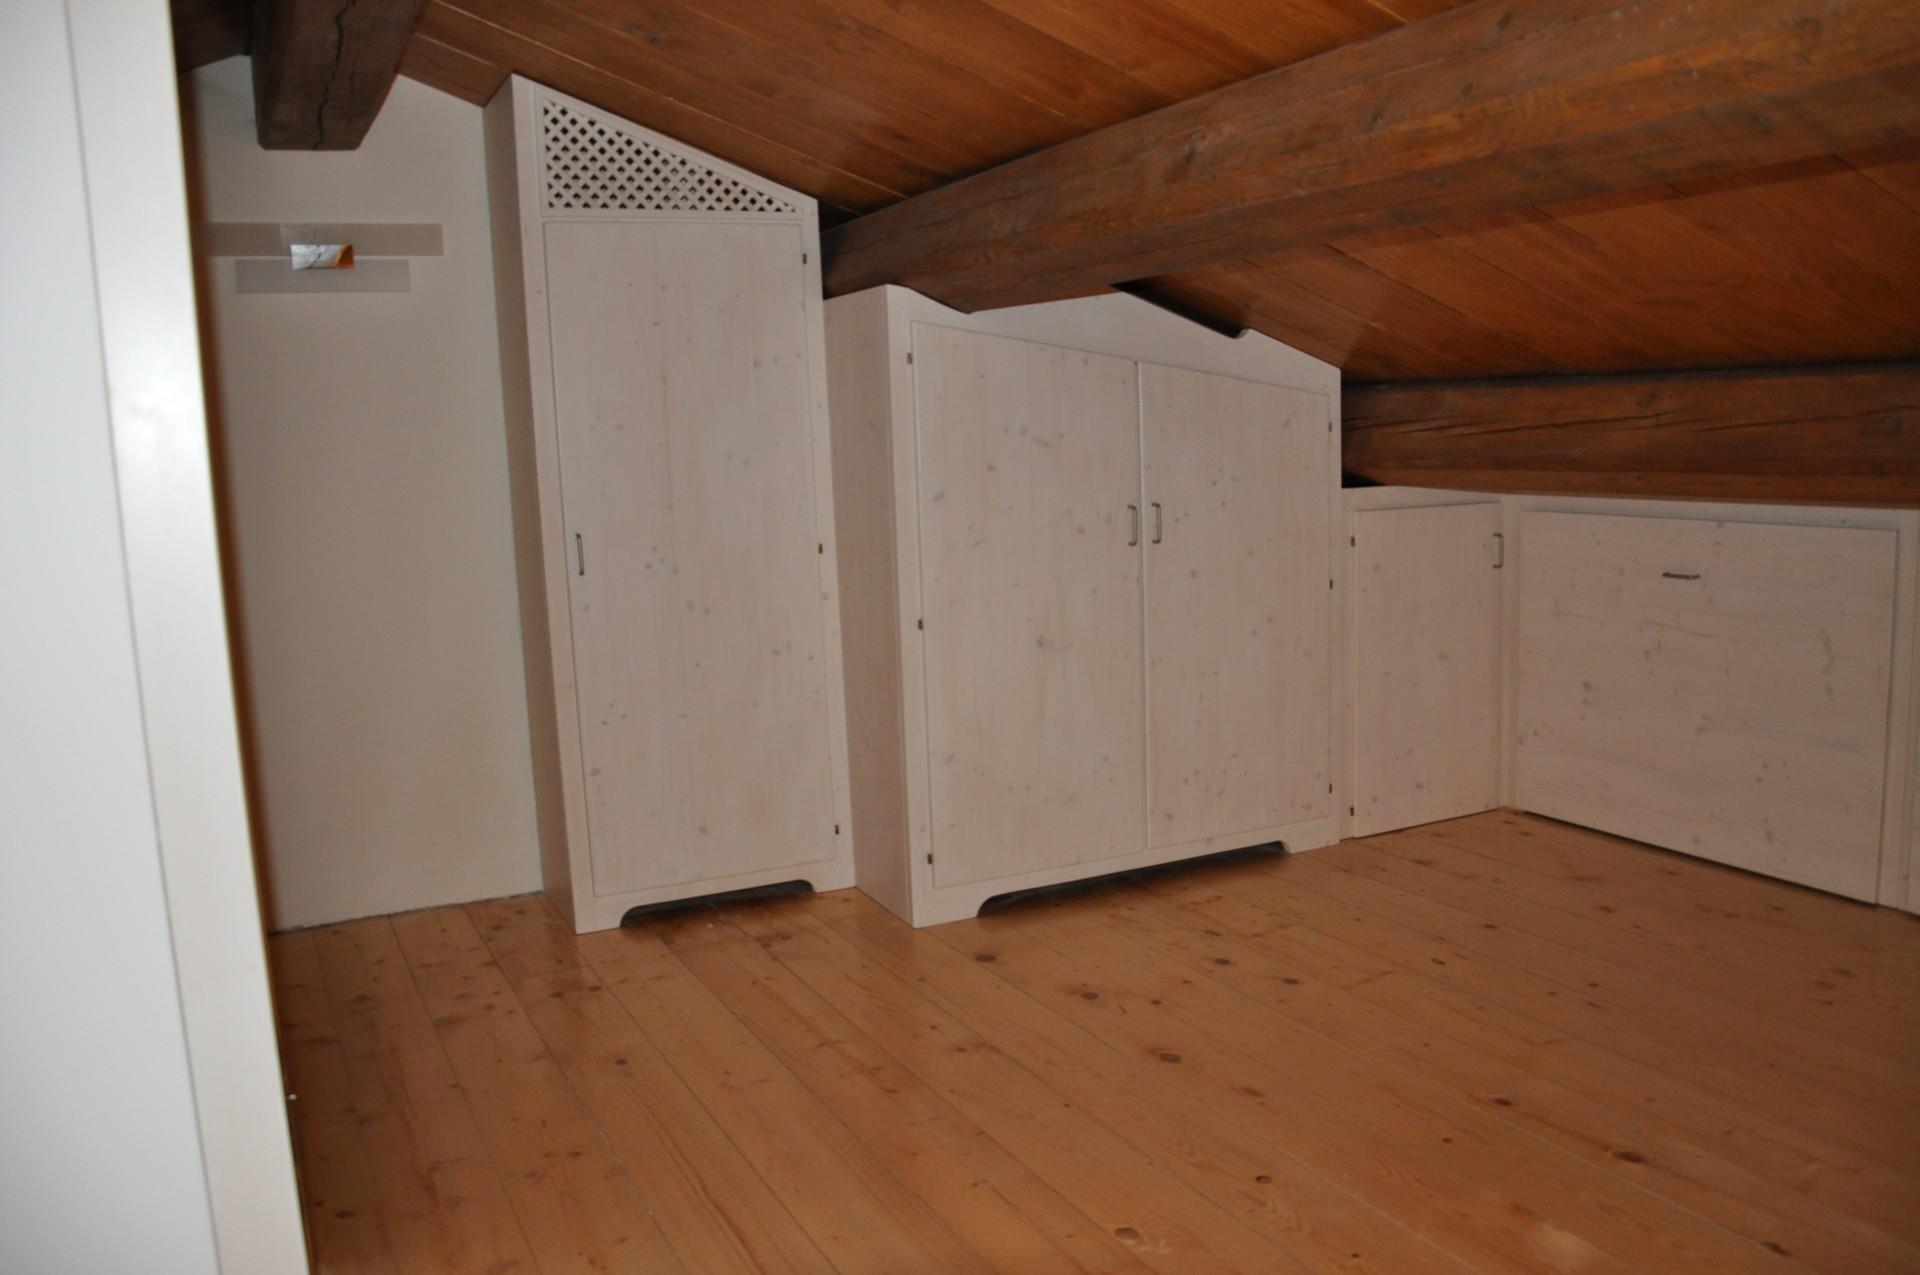 Progettazione arredamenti su misura fadini mobili cerea verona - Armadio sottotetto ...